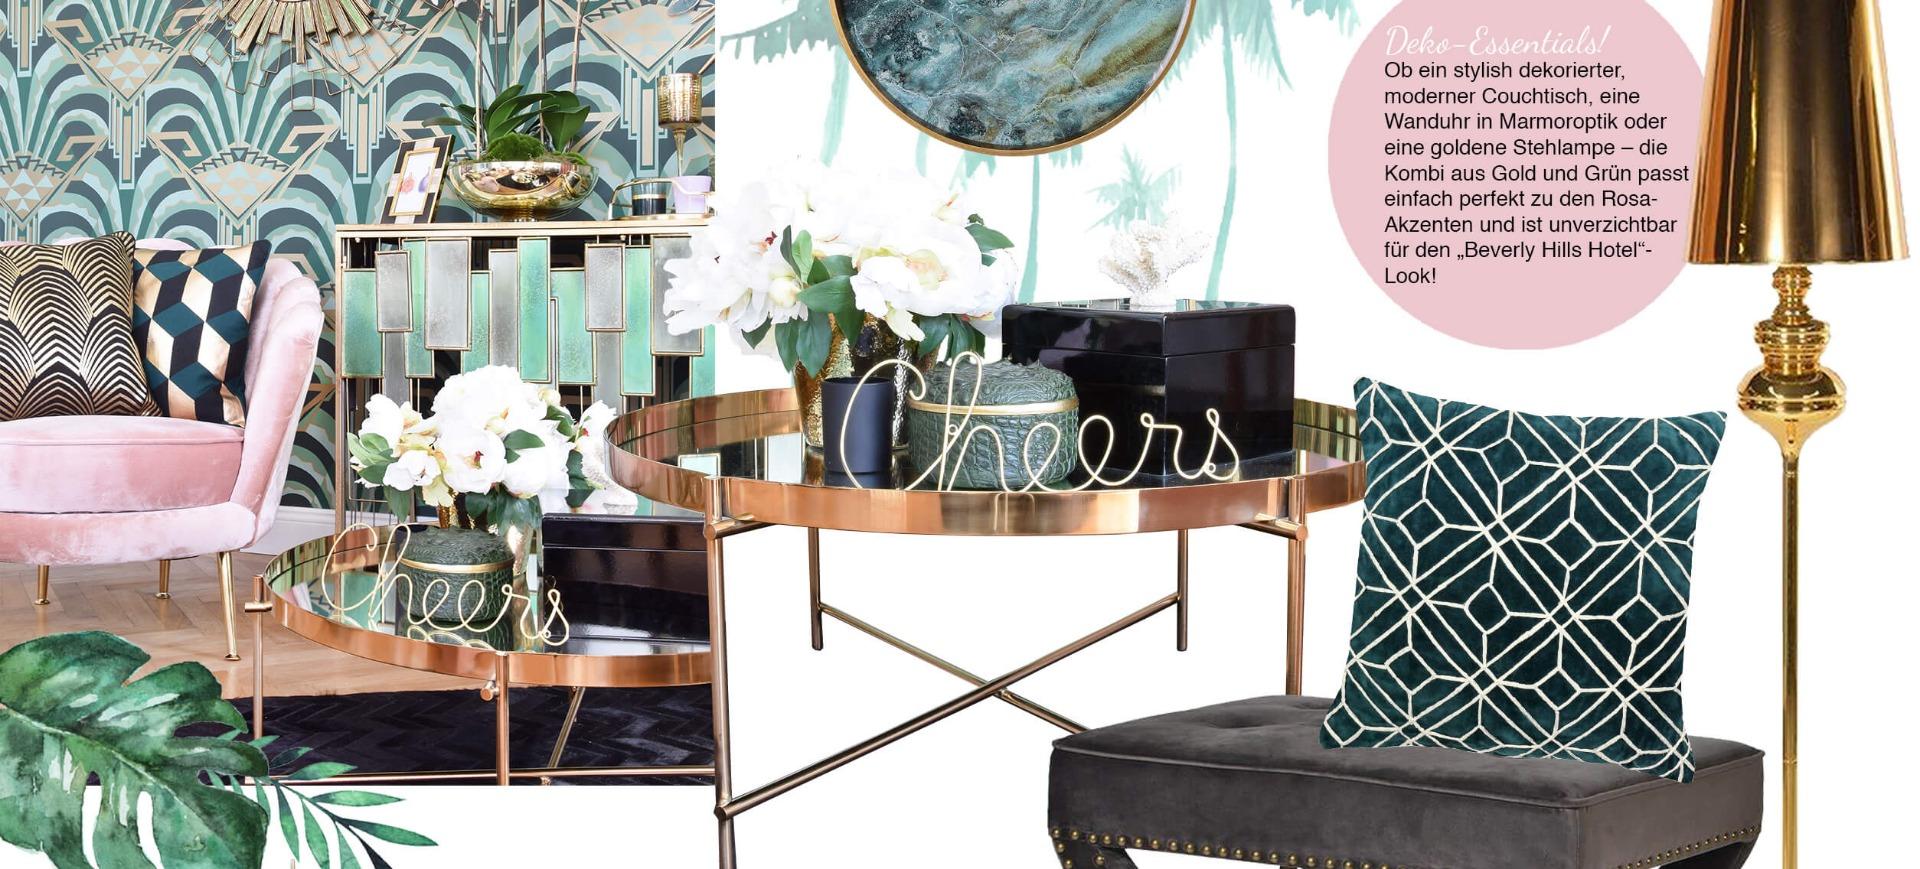 Beverly Hills Hotel-Lounge Wohnzimmer - Looks